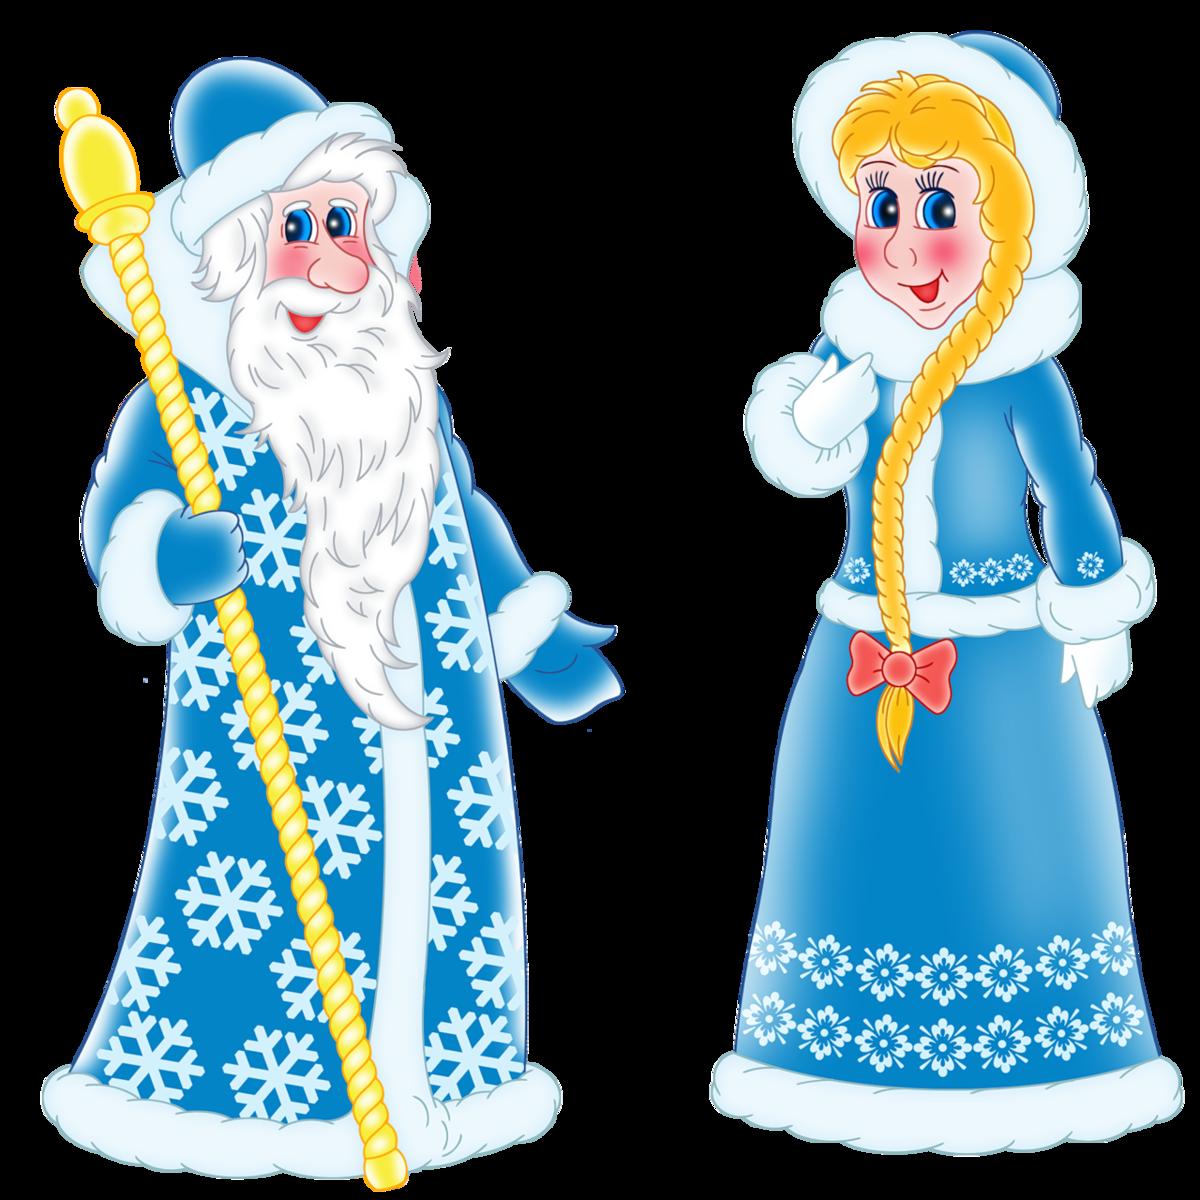 Картинки деда мороза снегурочки и снеговика, днем рождения племяннику